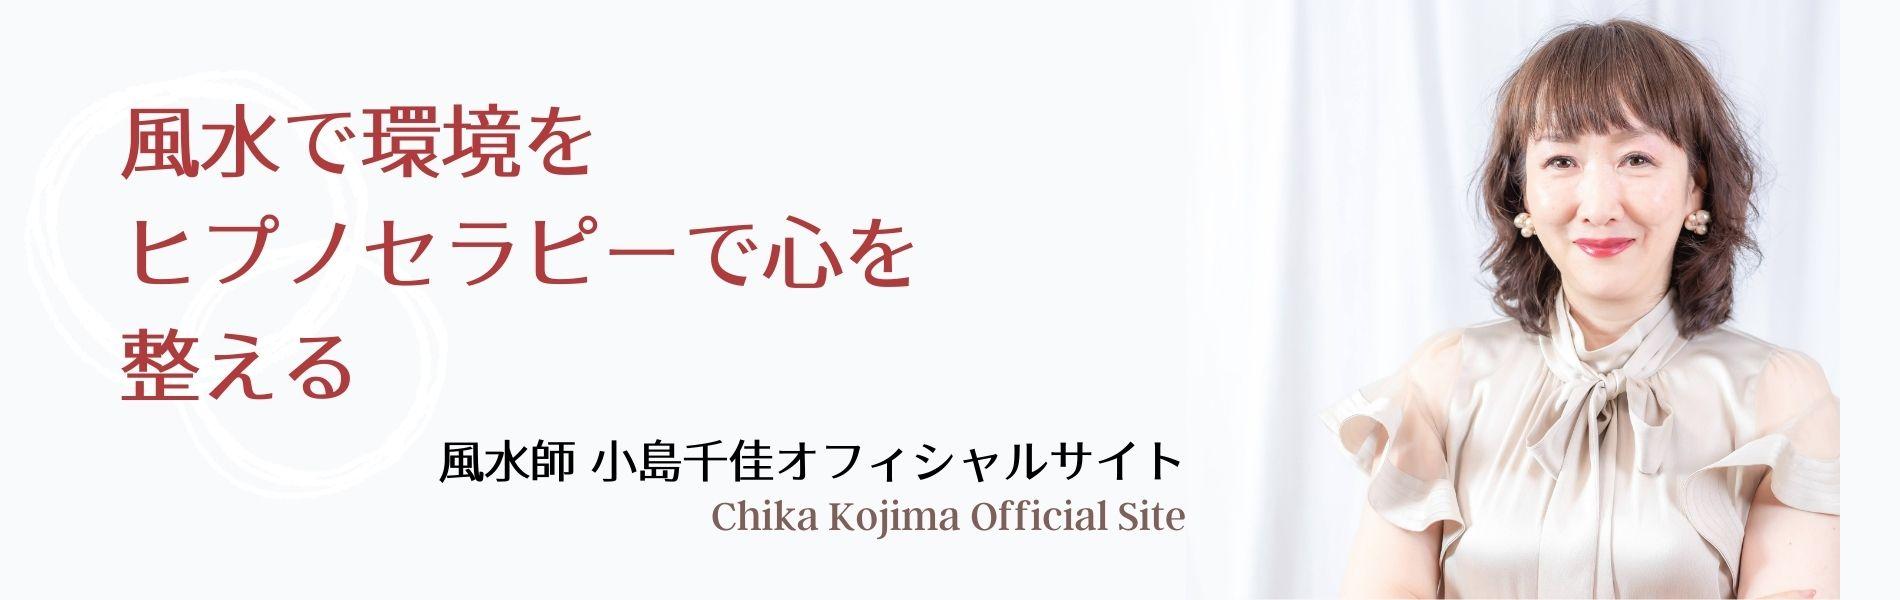 小島千佳オフィシャルサイト